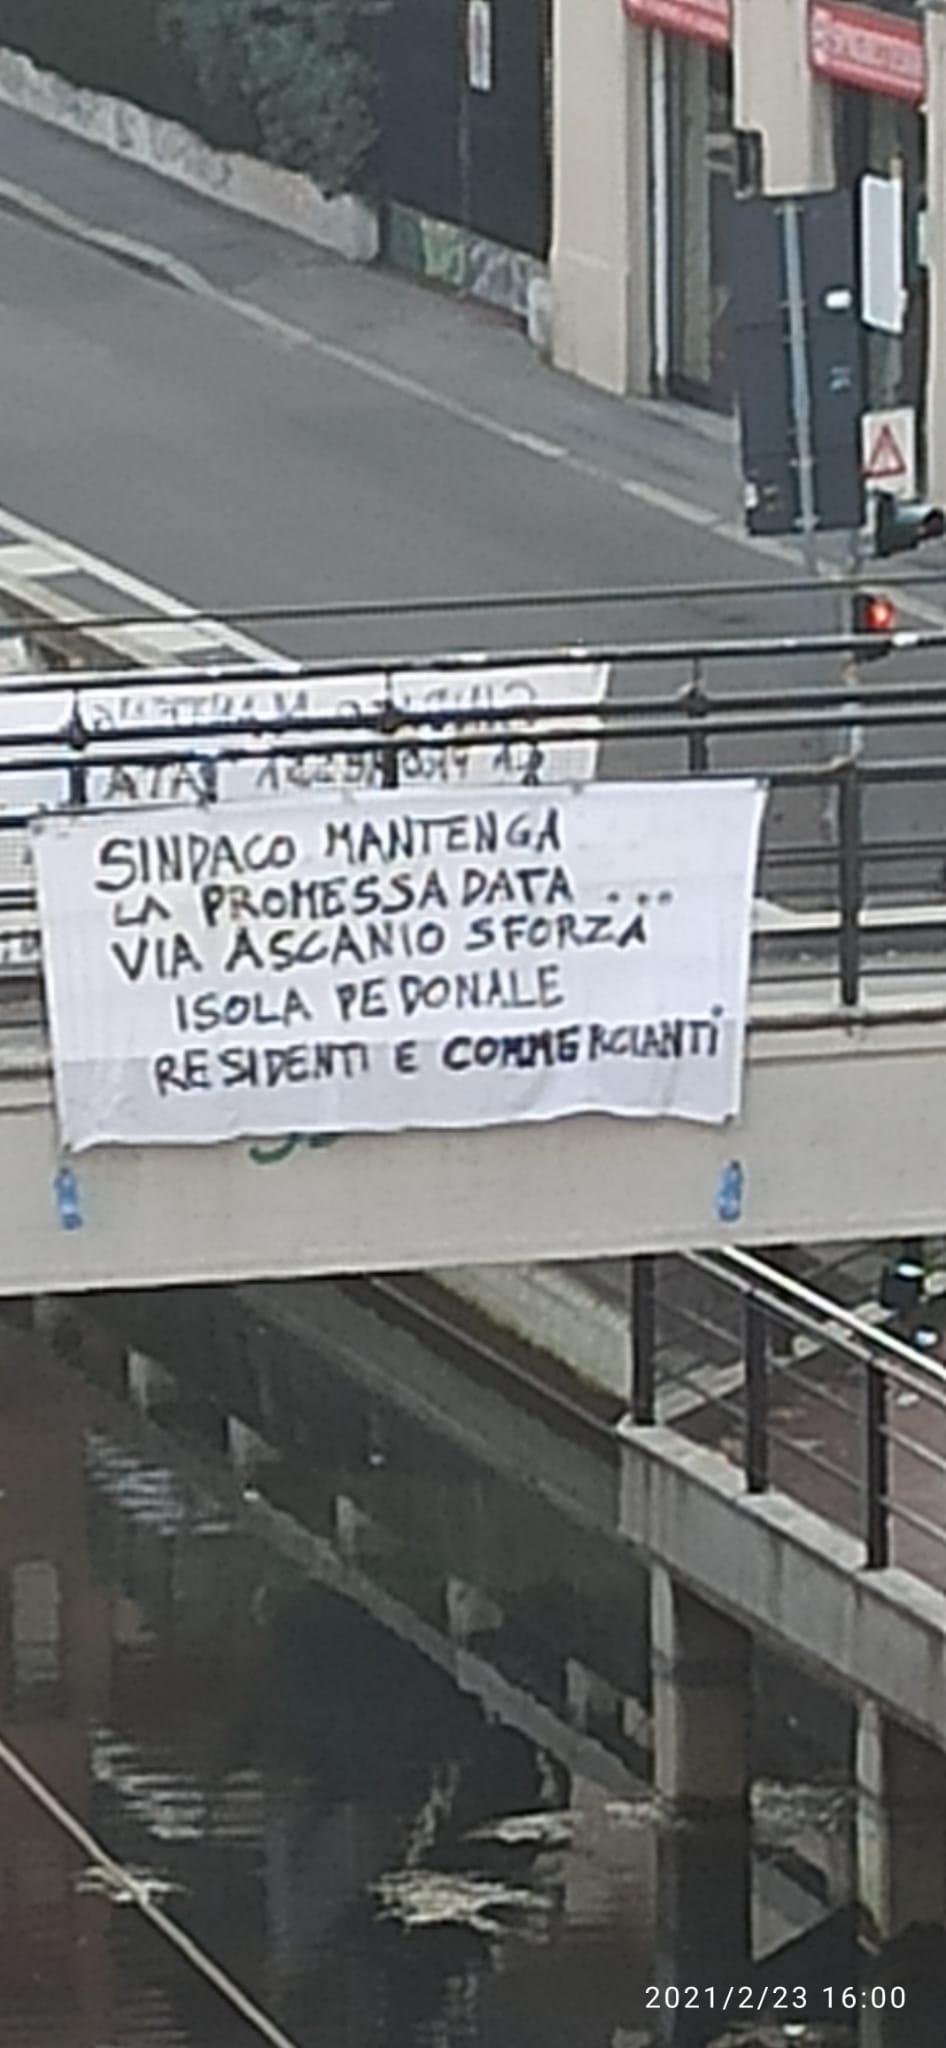 Striscione Ponte Ascanio Sforza -20210223-